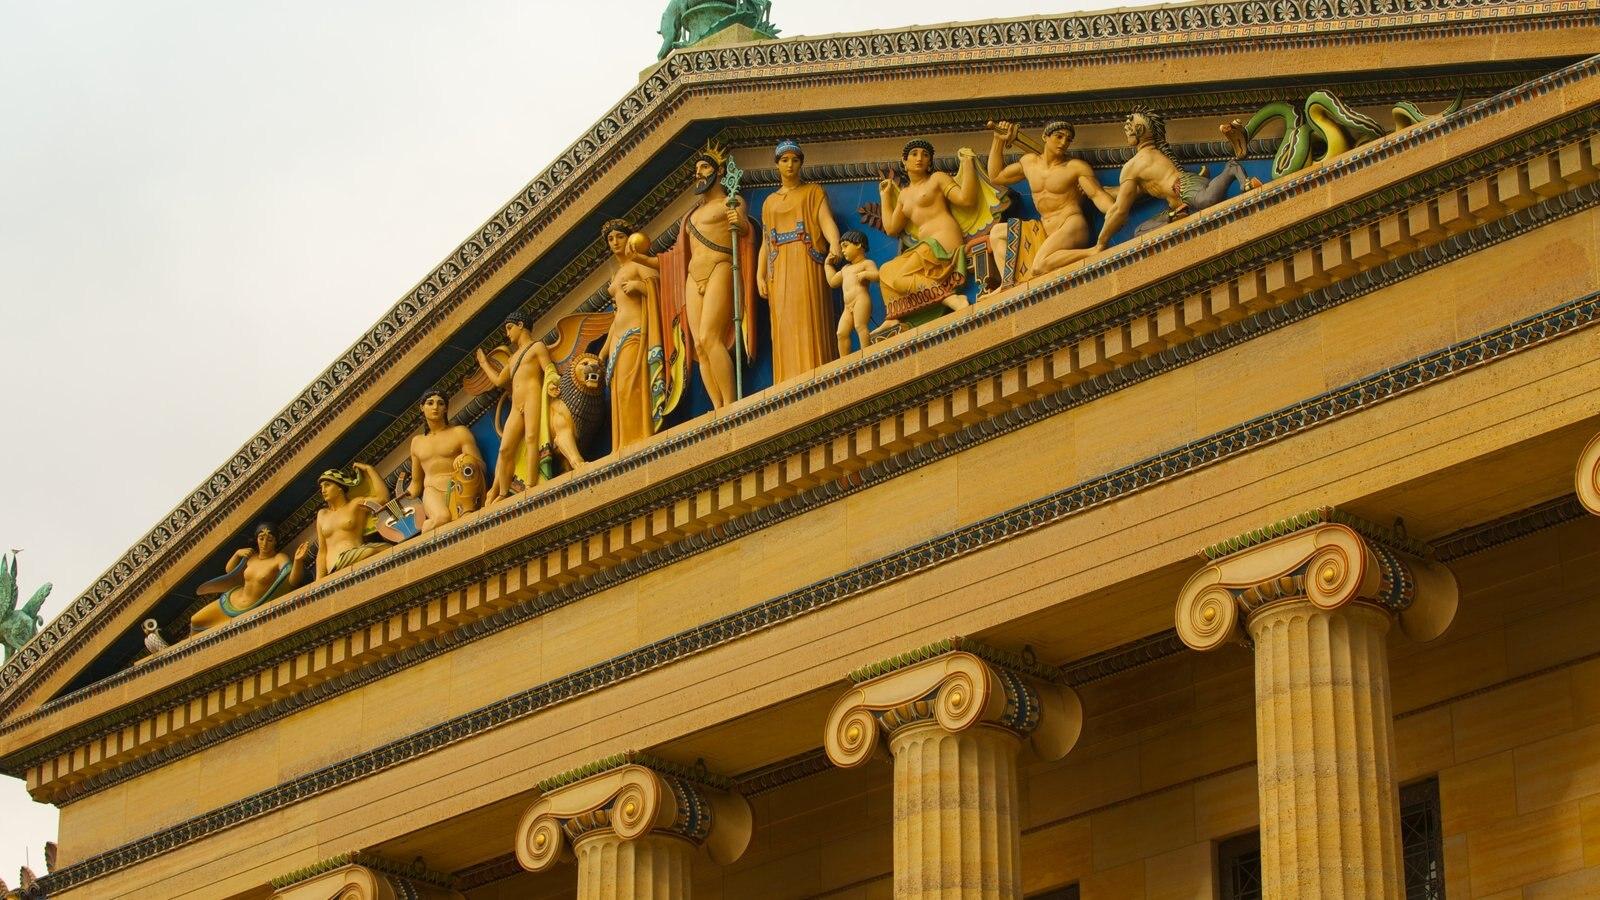 Museu de Arte caracterizando arte